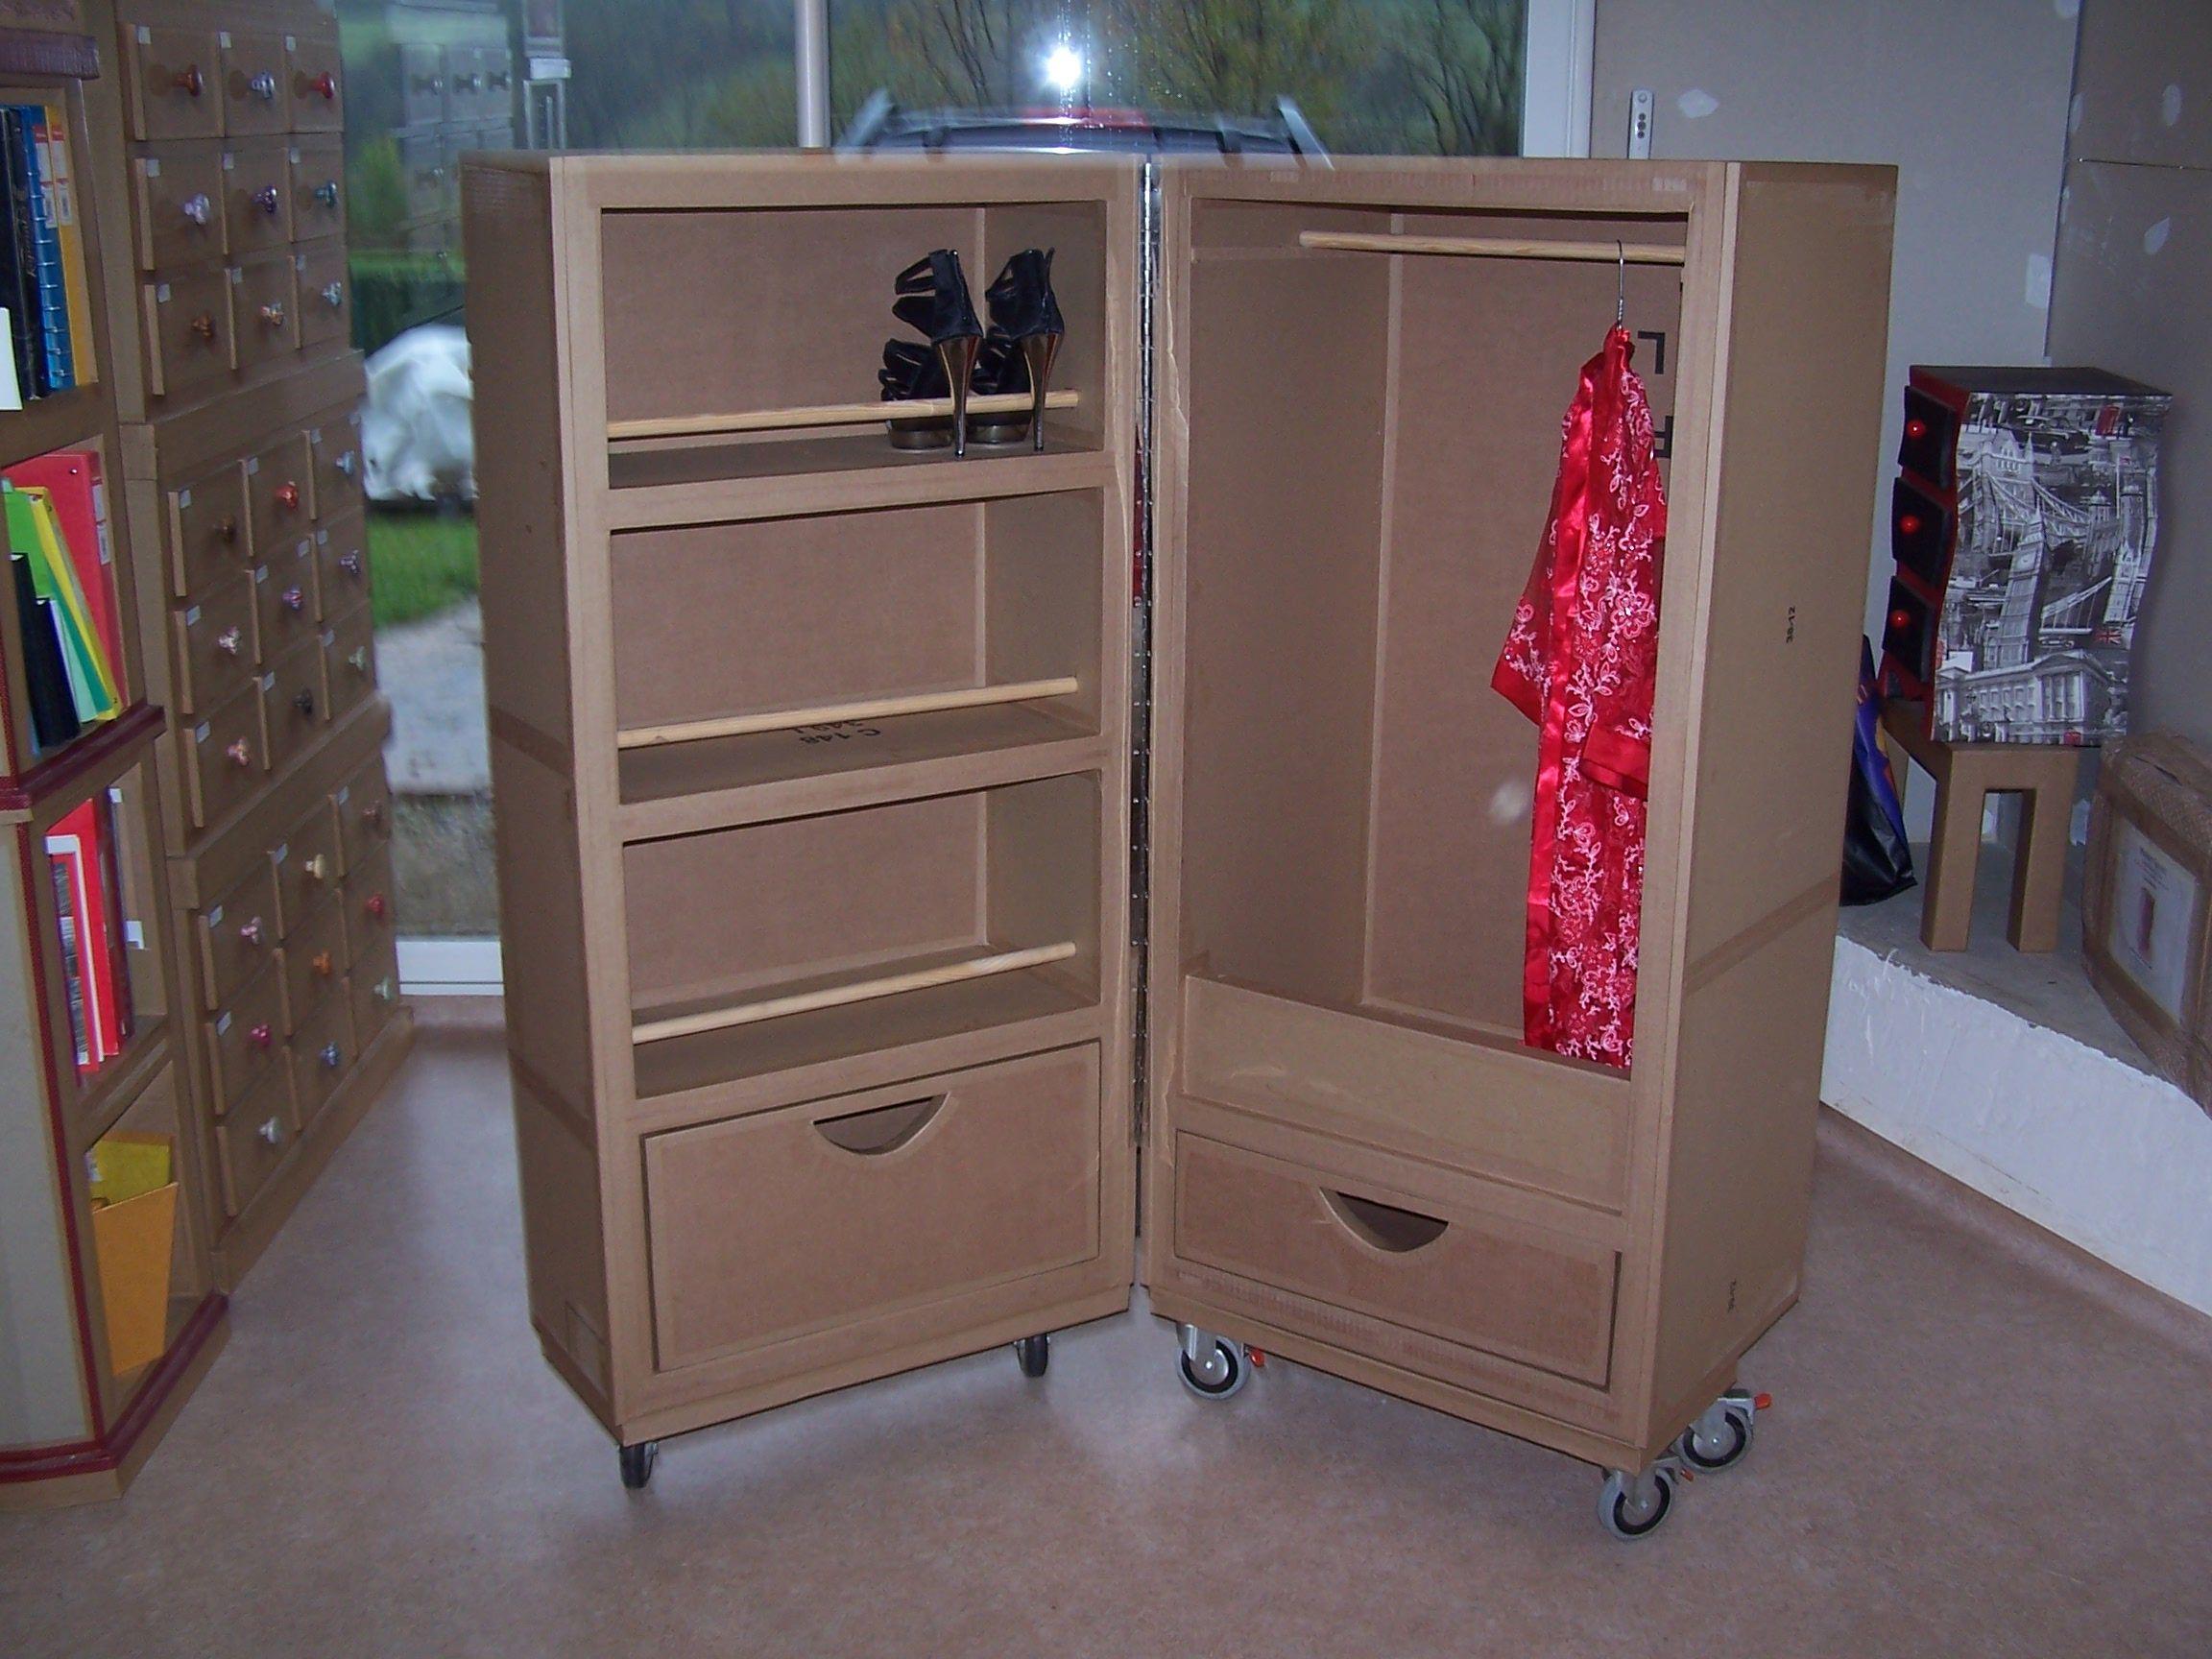 formation design cr ation mobilier en carton paper cardboard pinterest cardboard furniture. Black Bedroom Furniture Sets. Home Design Ideas